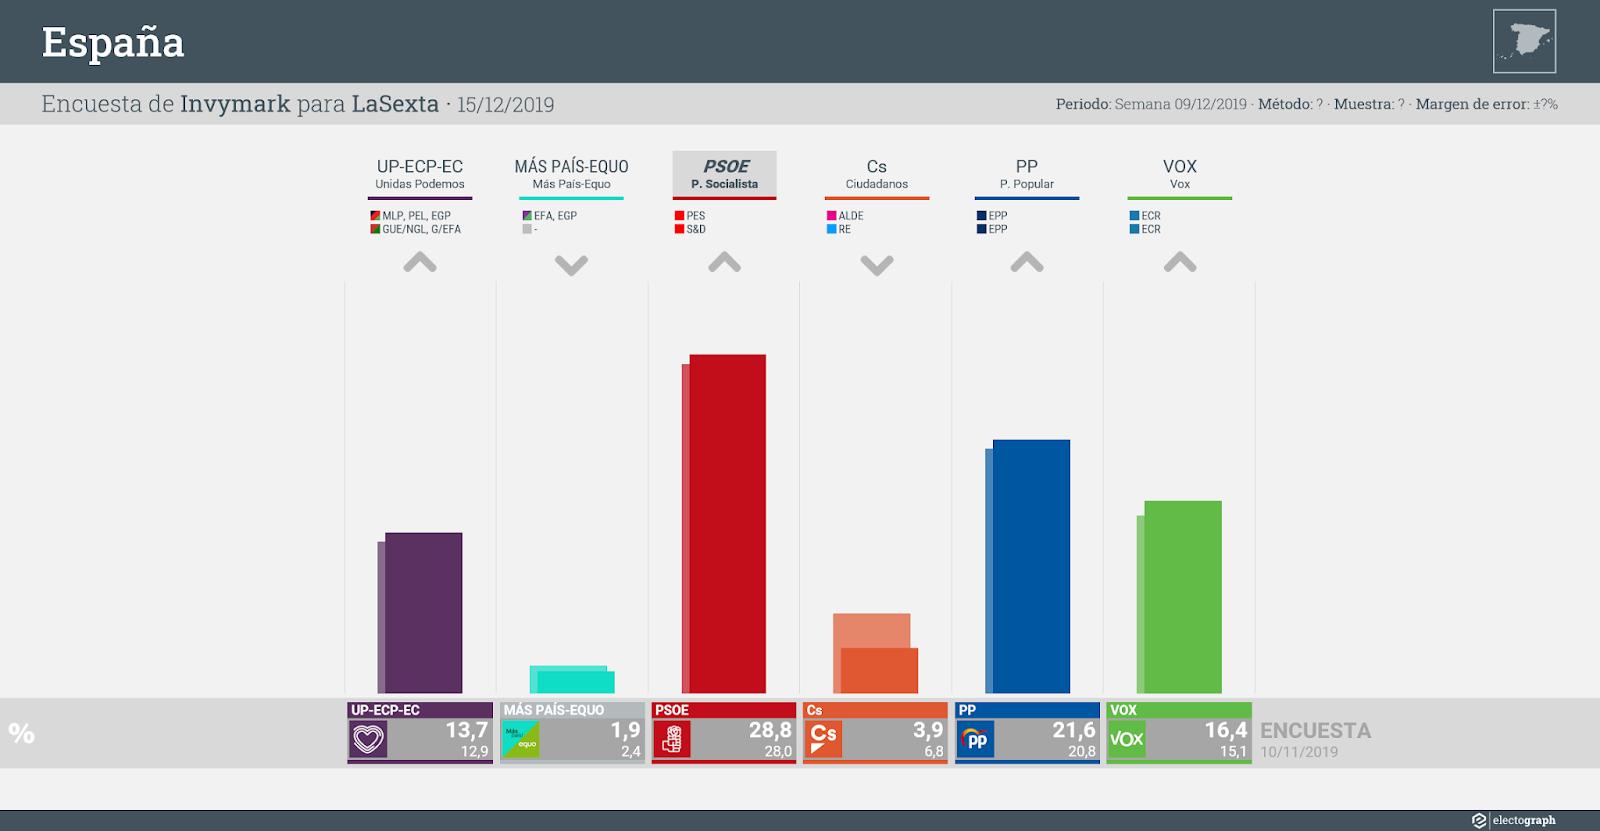 Gráfico de la encuesta para elecciones generales en España realizada por Invymark para LaSexta, 15 de diciembre de 2019